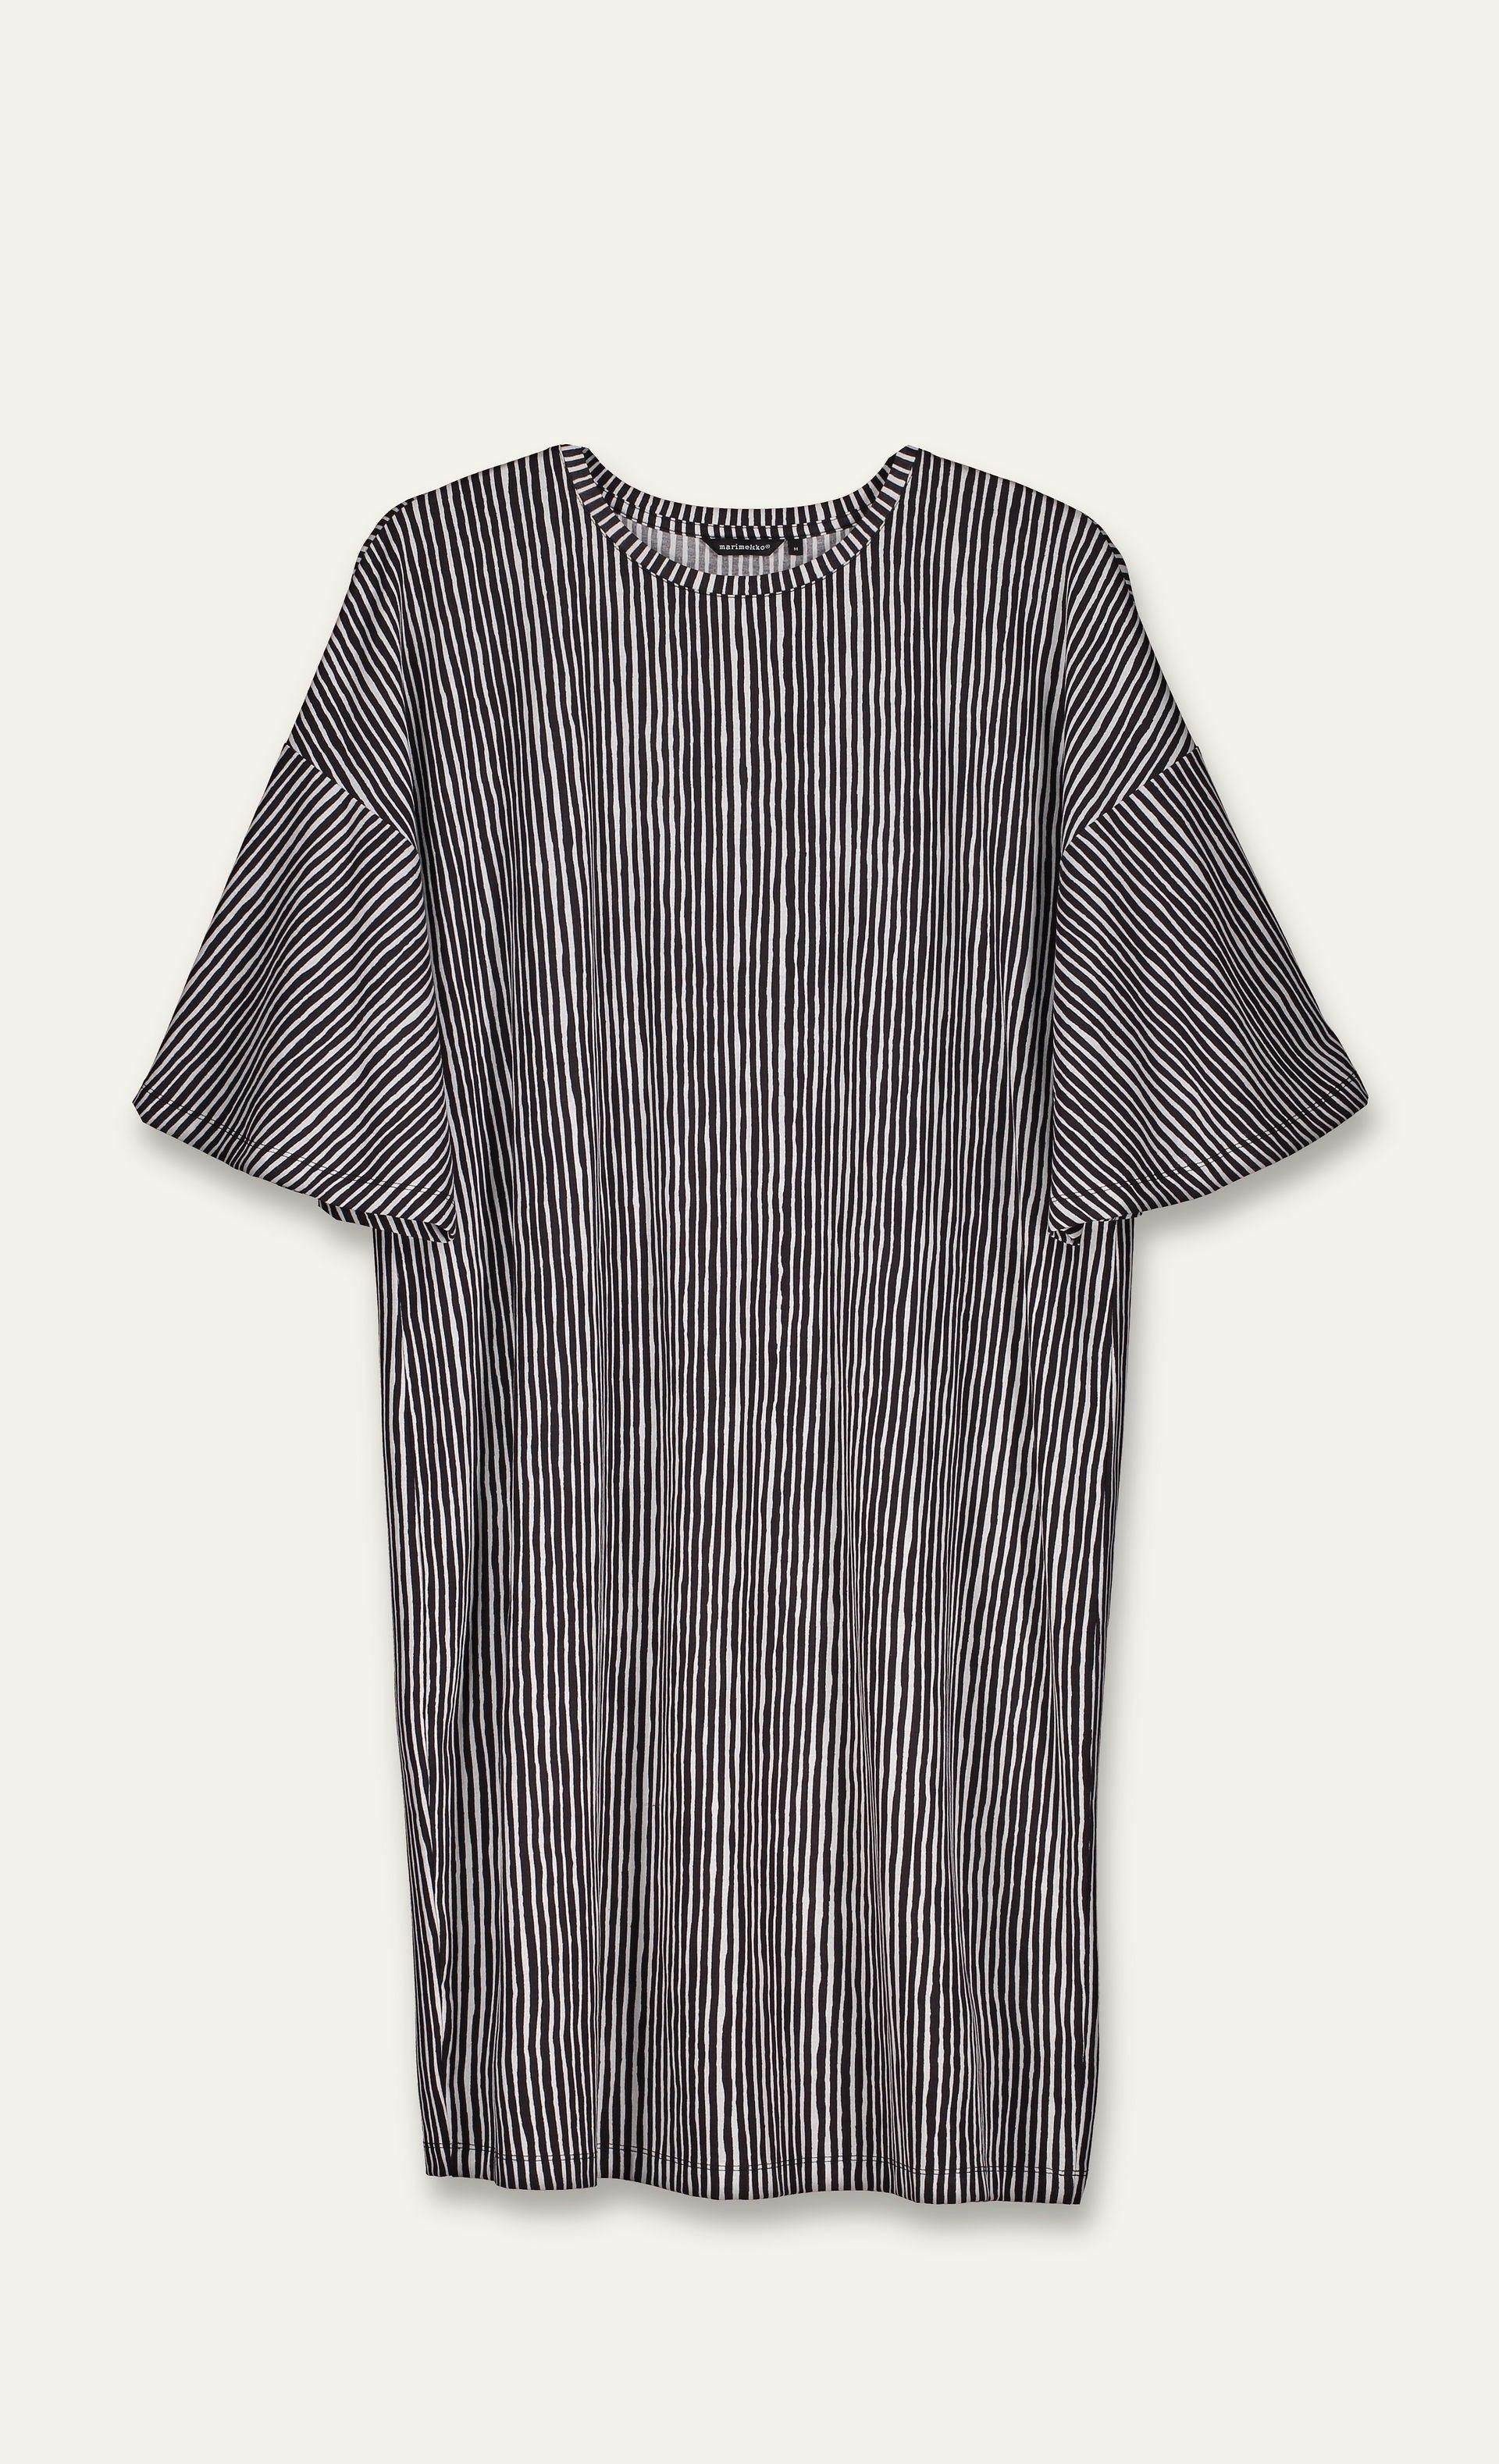 Lasten H&M hihaton mekko vaatteet, vertaa hintoja ja osta